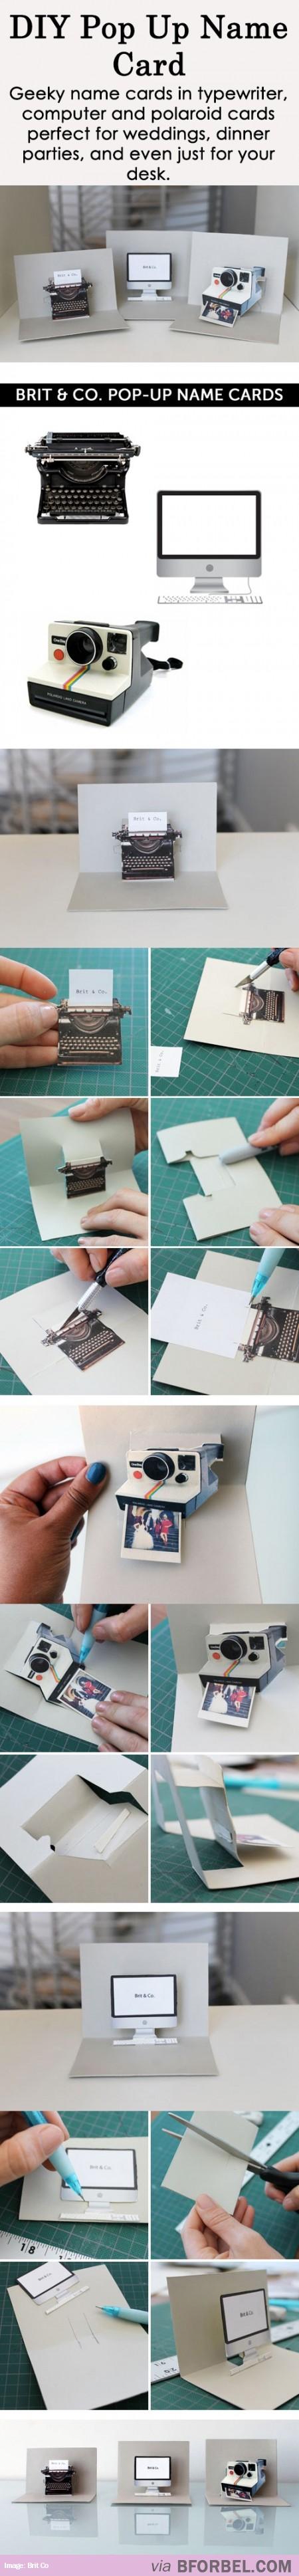 Diy creative pop up name cardsu papercraft pinterest creative